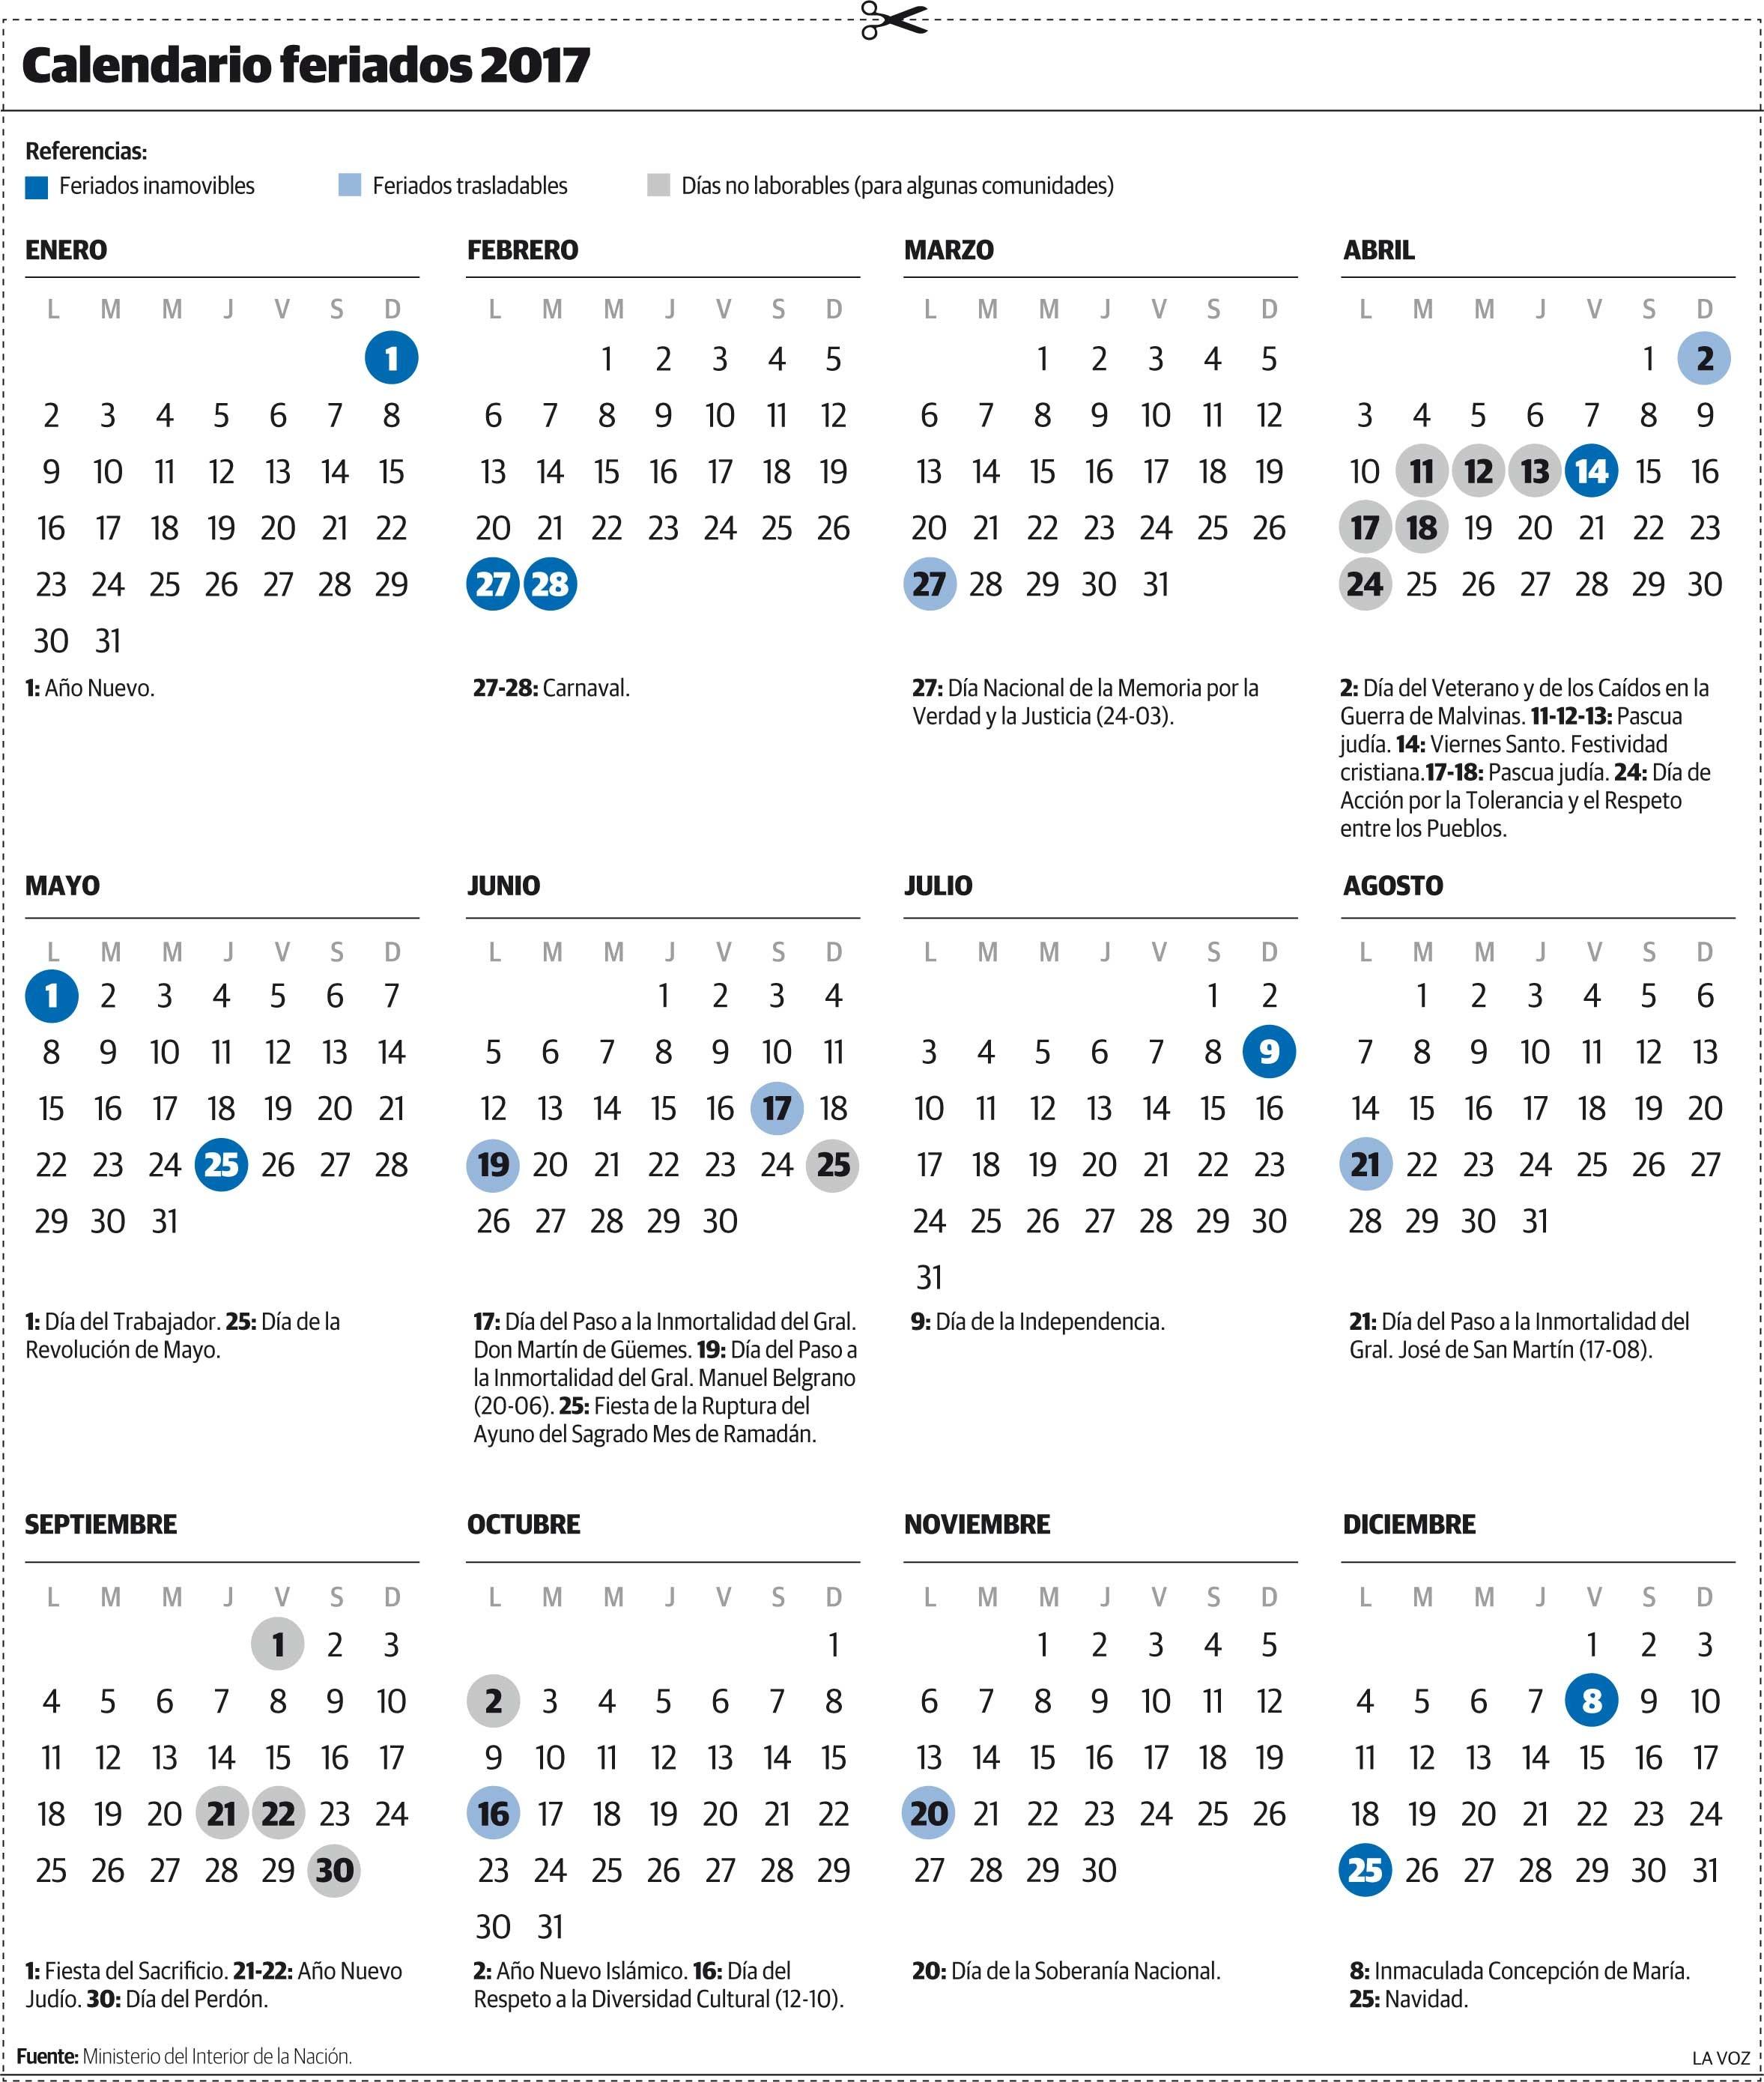 Calendario Para Imprimir 2017 Argentina Más Populares El Calendario 2017 Con El Nuevo Esquema De Feriados Of Calendario Para Imprimir 2017 Argentina Más Arriba-a-fecha Mejores 101 Imágenes De Emprende Varios En Pinterest